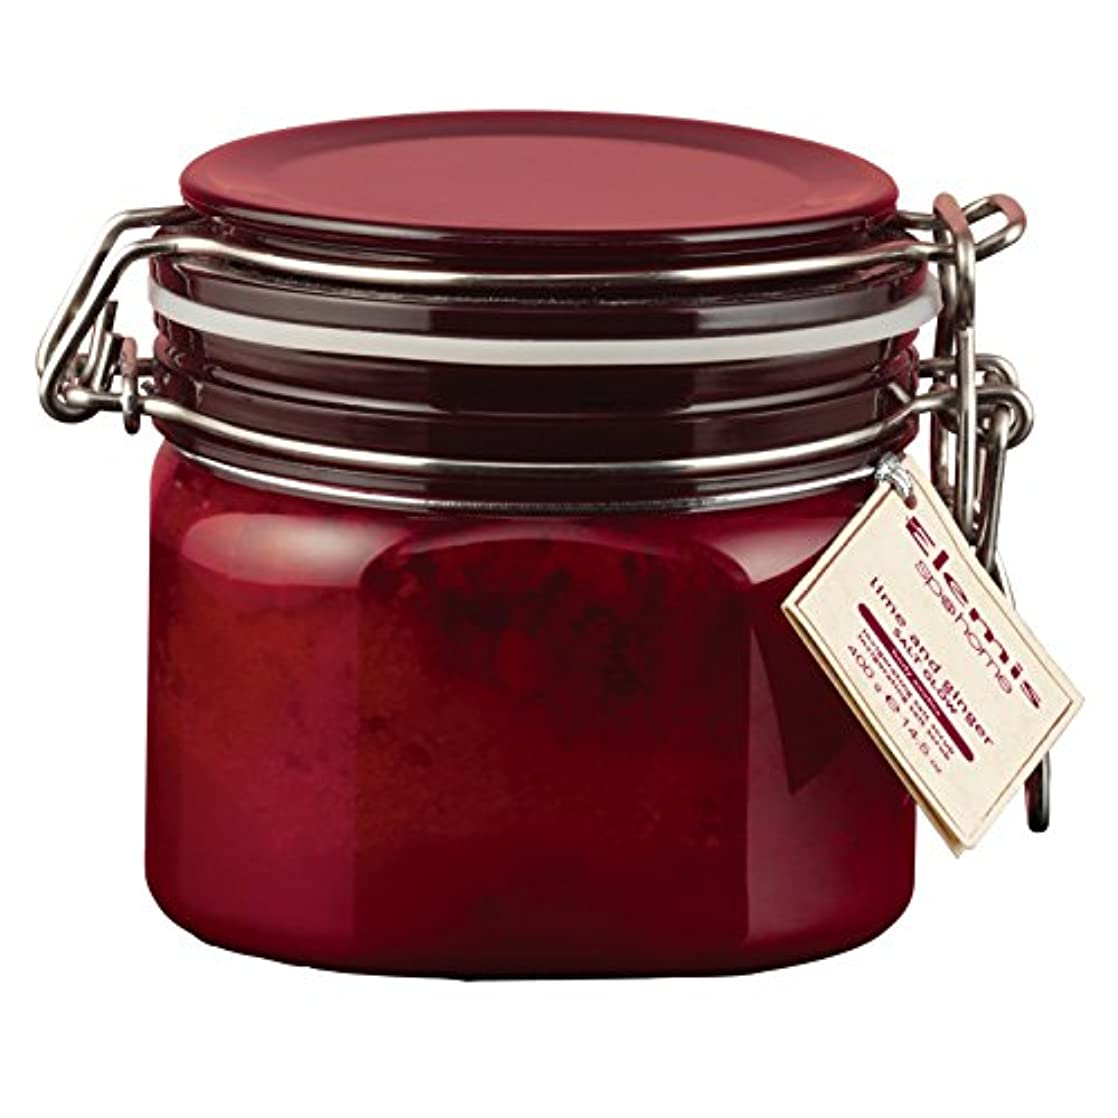 極めて重要なパーティション防ぐエレミスライムとジンジャーソルトグロー410グラム (Elemis) (x2) - Elemis Lime and Ginger Salt Glow 410g (Pack of 2) [並行輸入品]